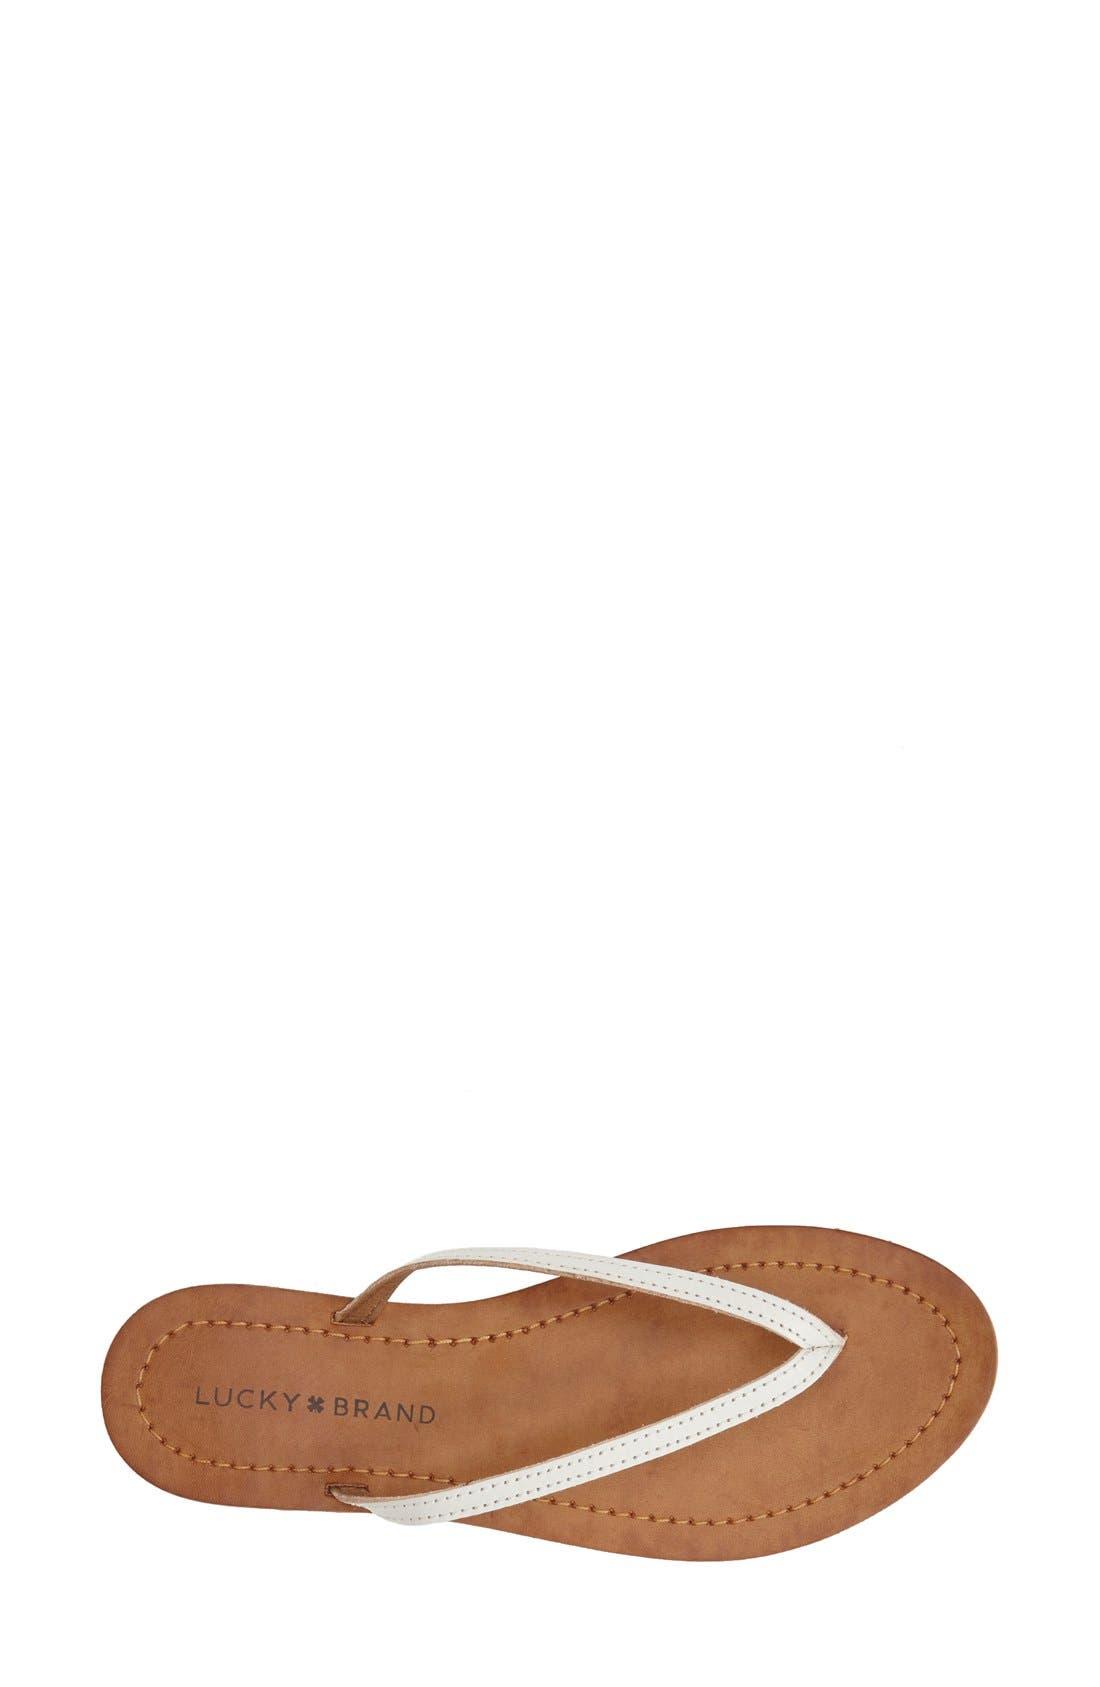 Alternate Image 3  - Lucky Brand 'Amberr' Leather Thong Sandal (Women)